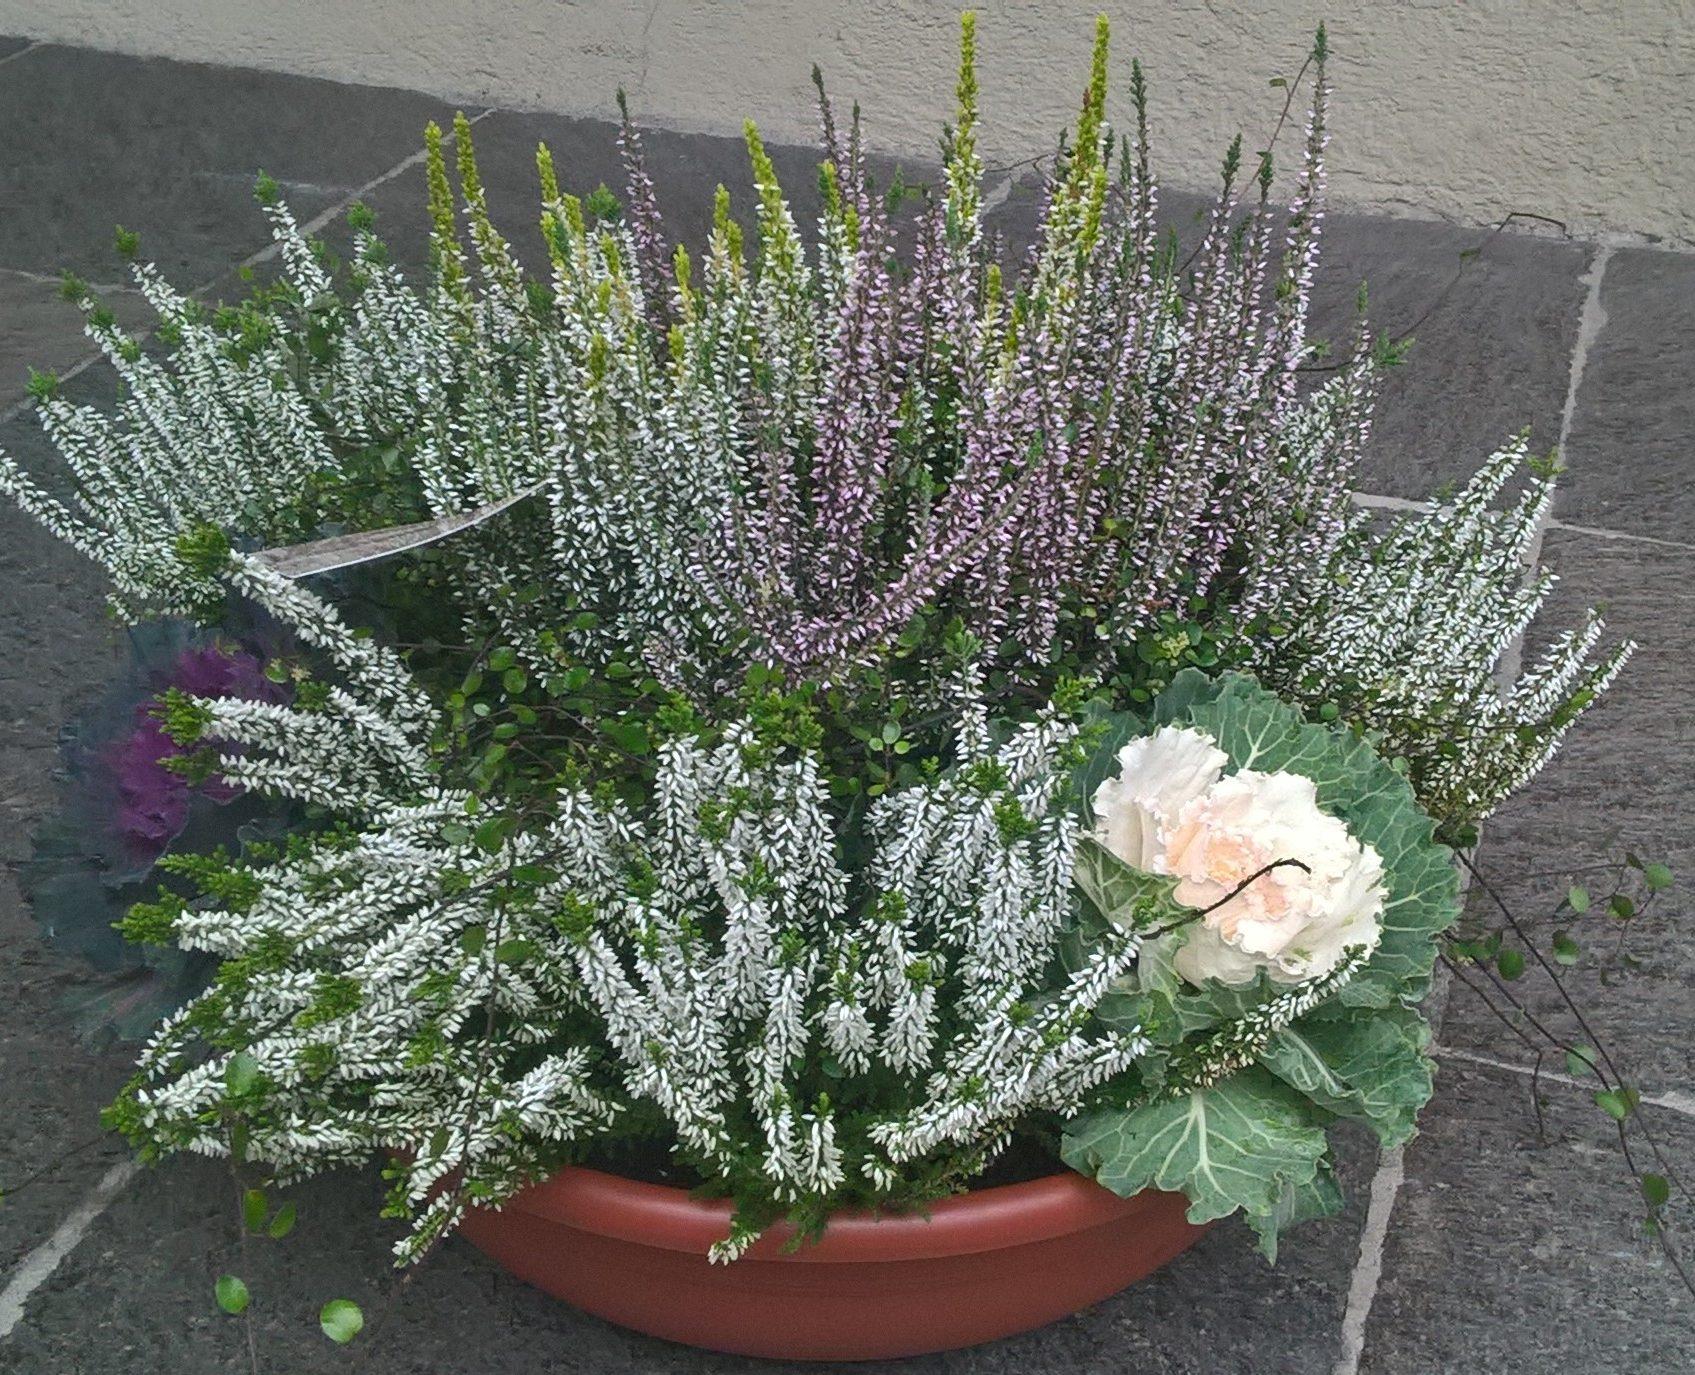 Piante invernali piante invernali da esterno u alcuni for Piante da esterno invernali